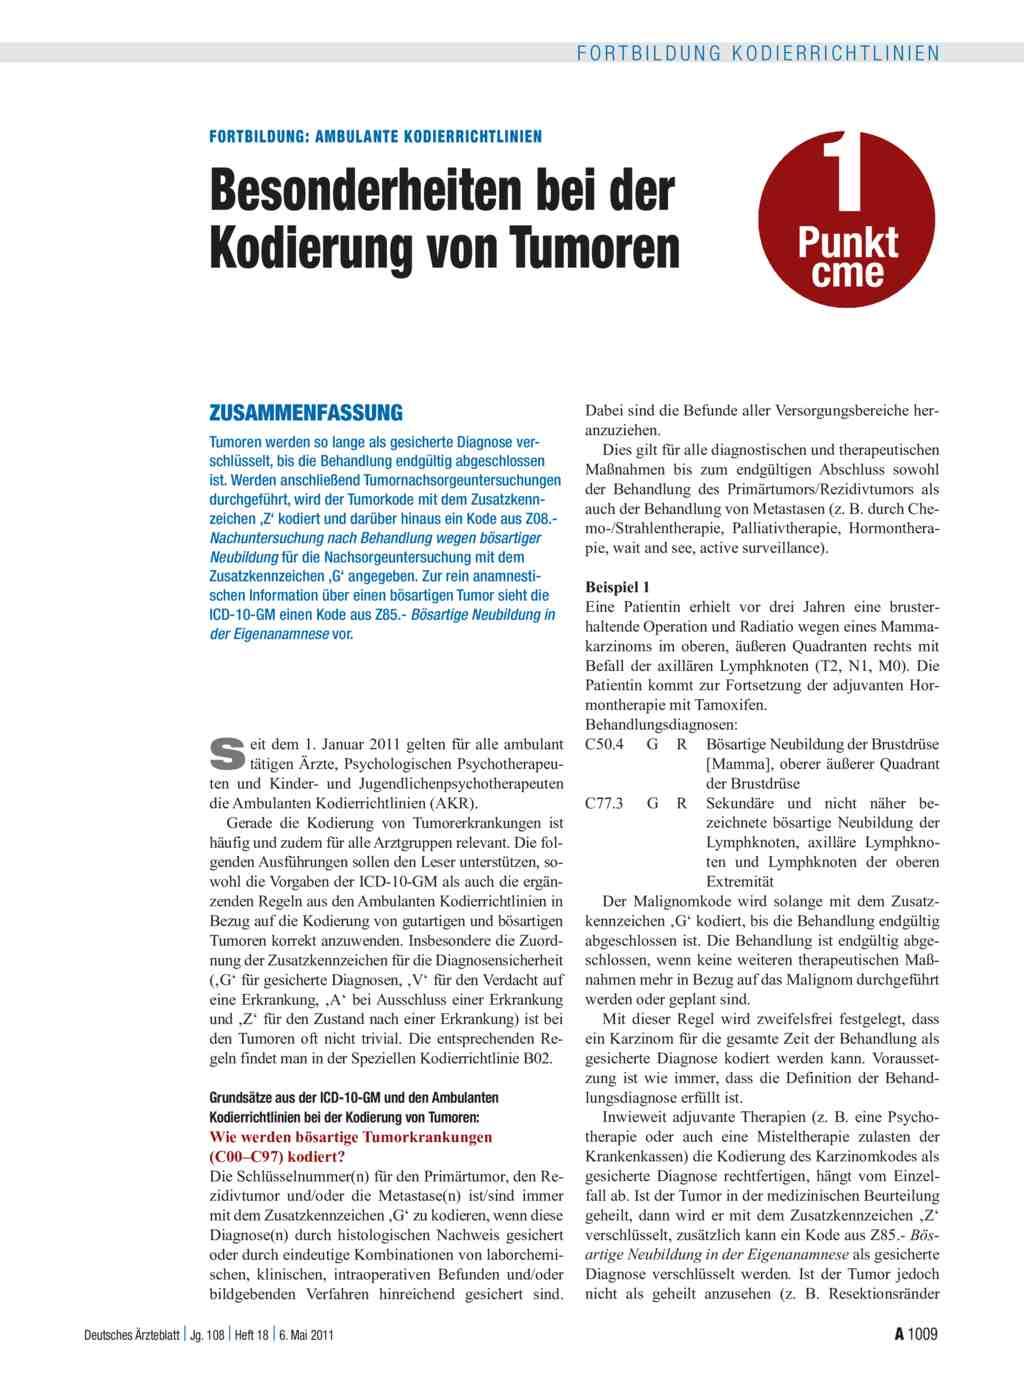 Ambulante Kodierrichtlinien: Besonderheiten bei der Kodierung von ...